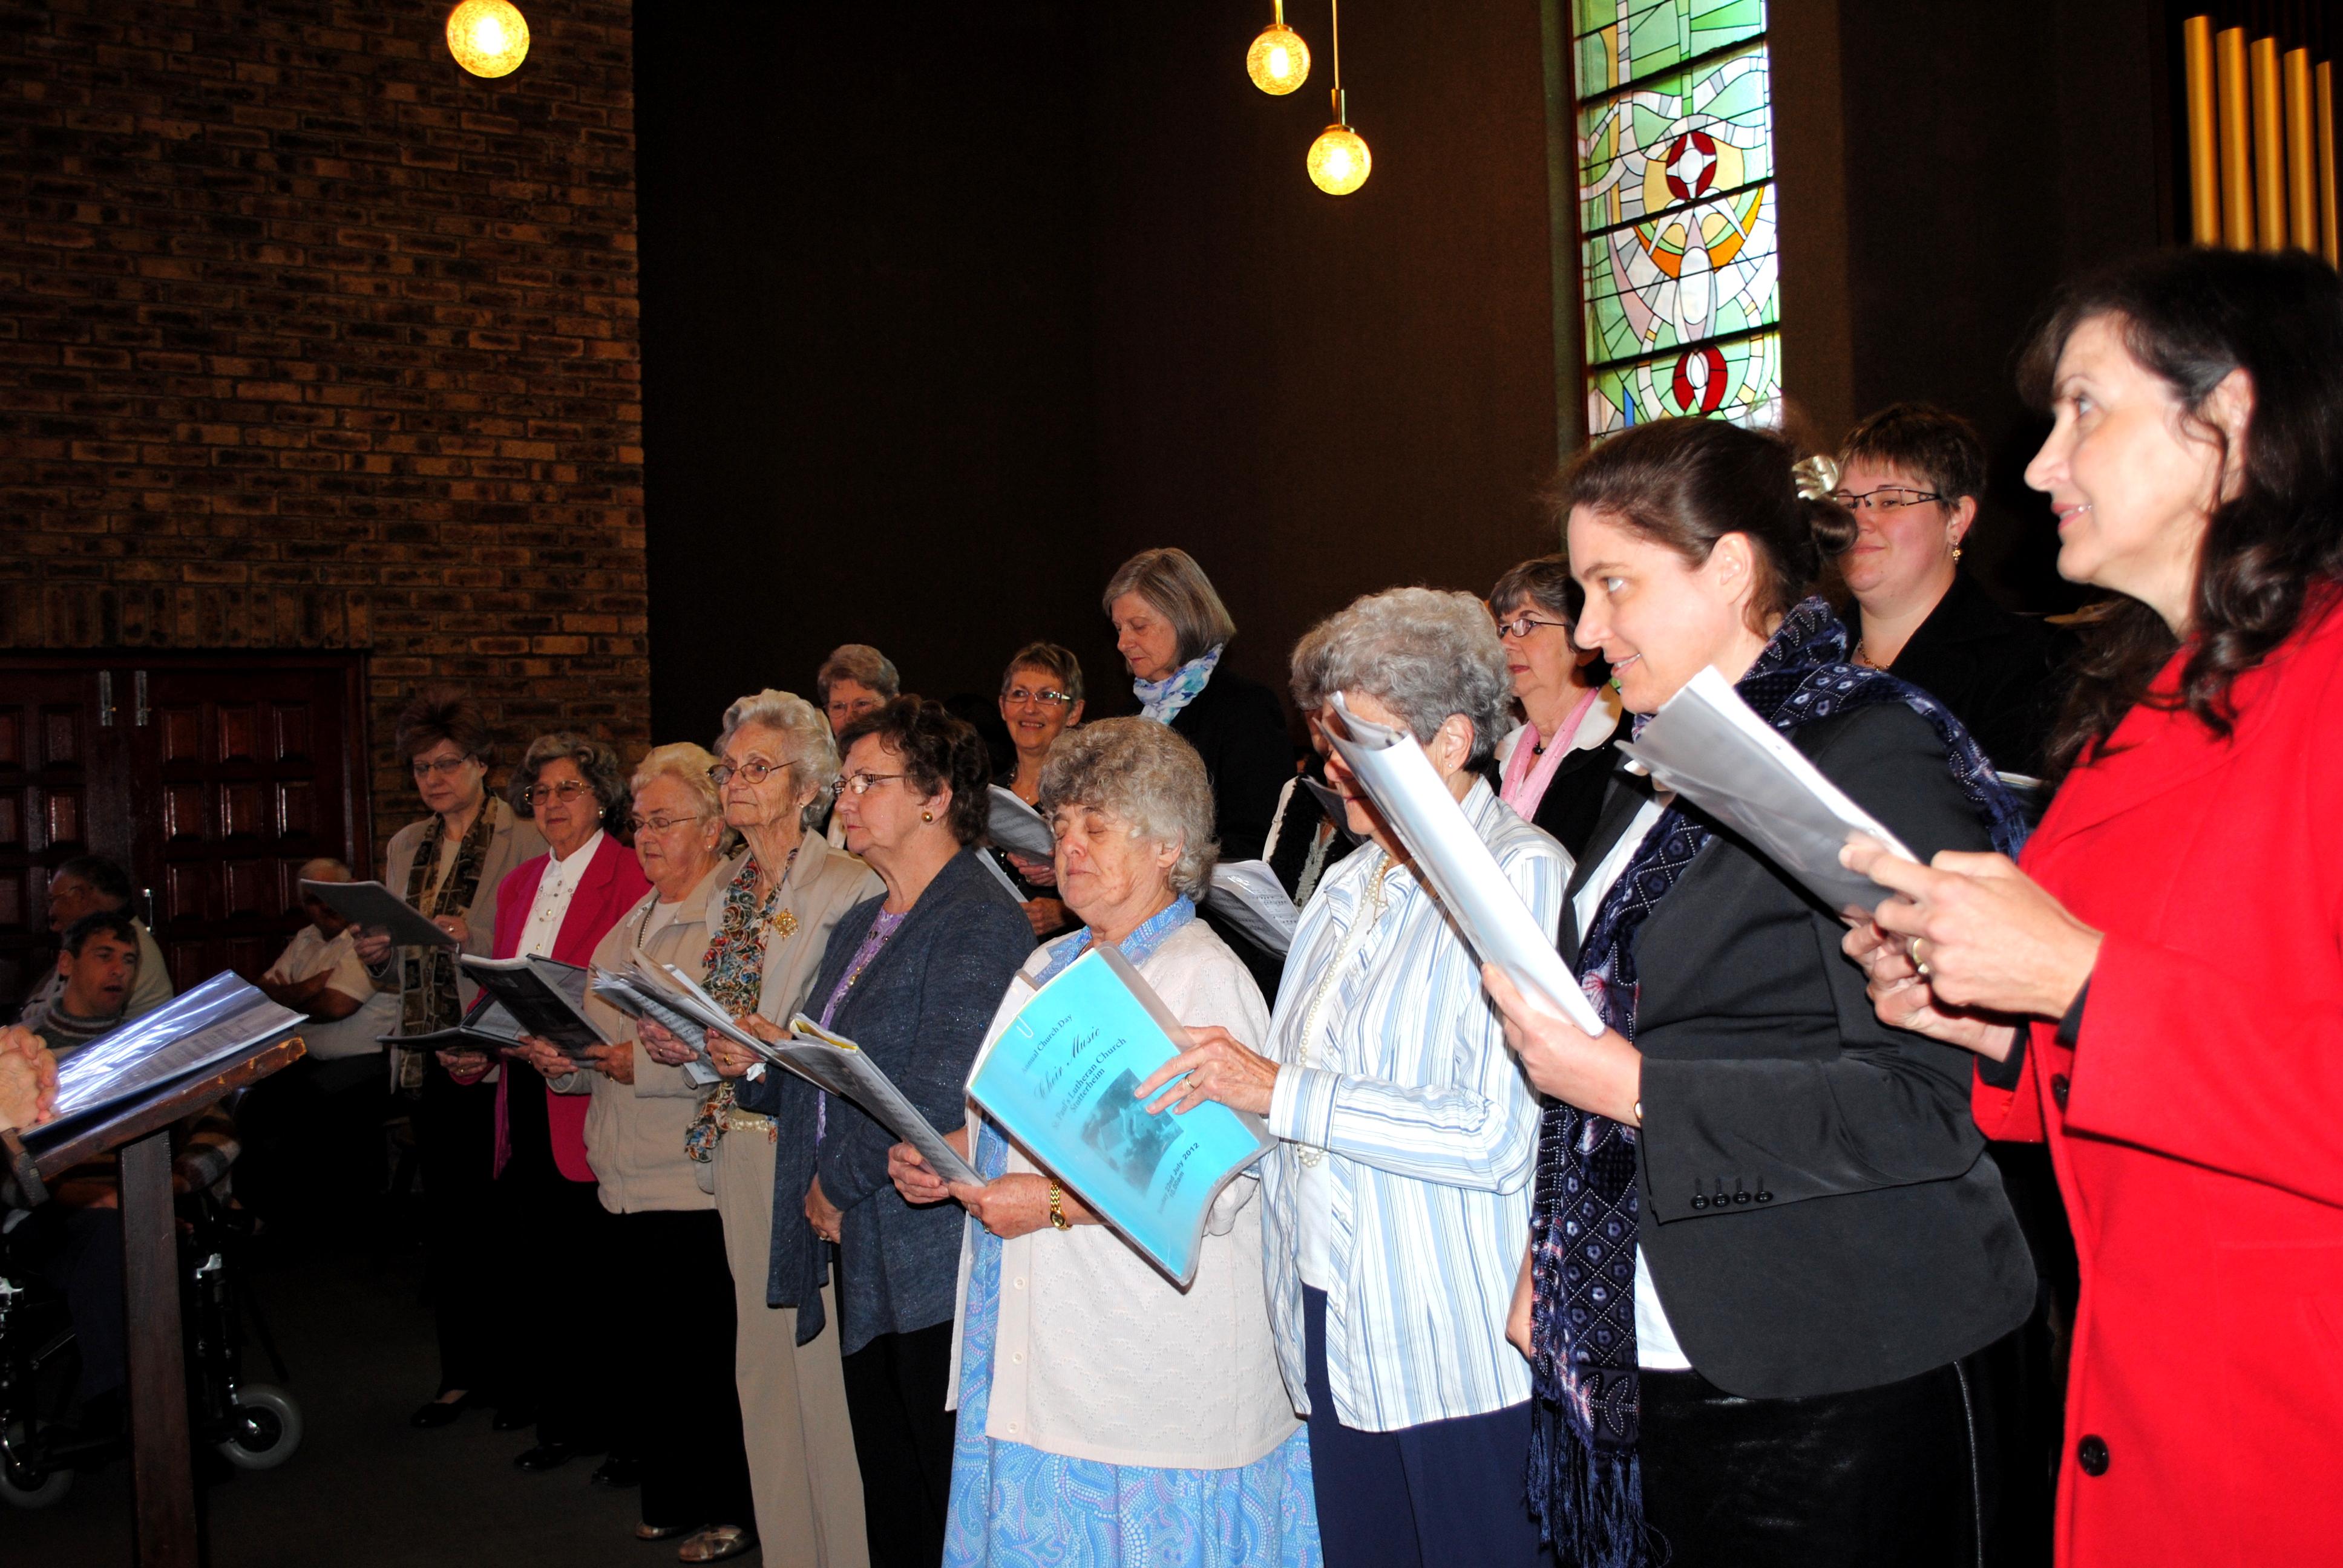 Choir at church day 2013